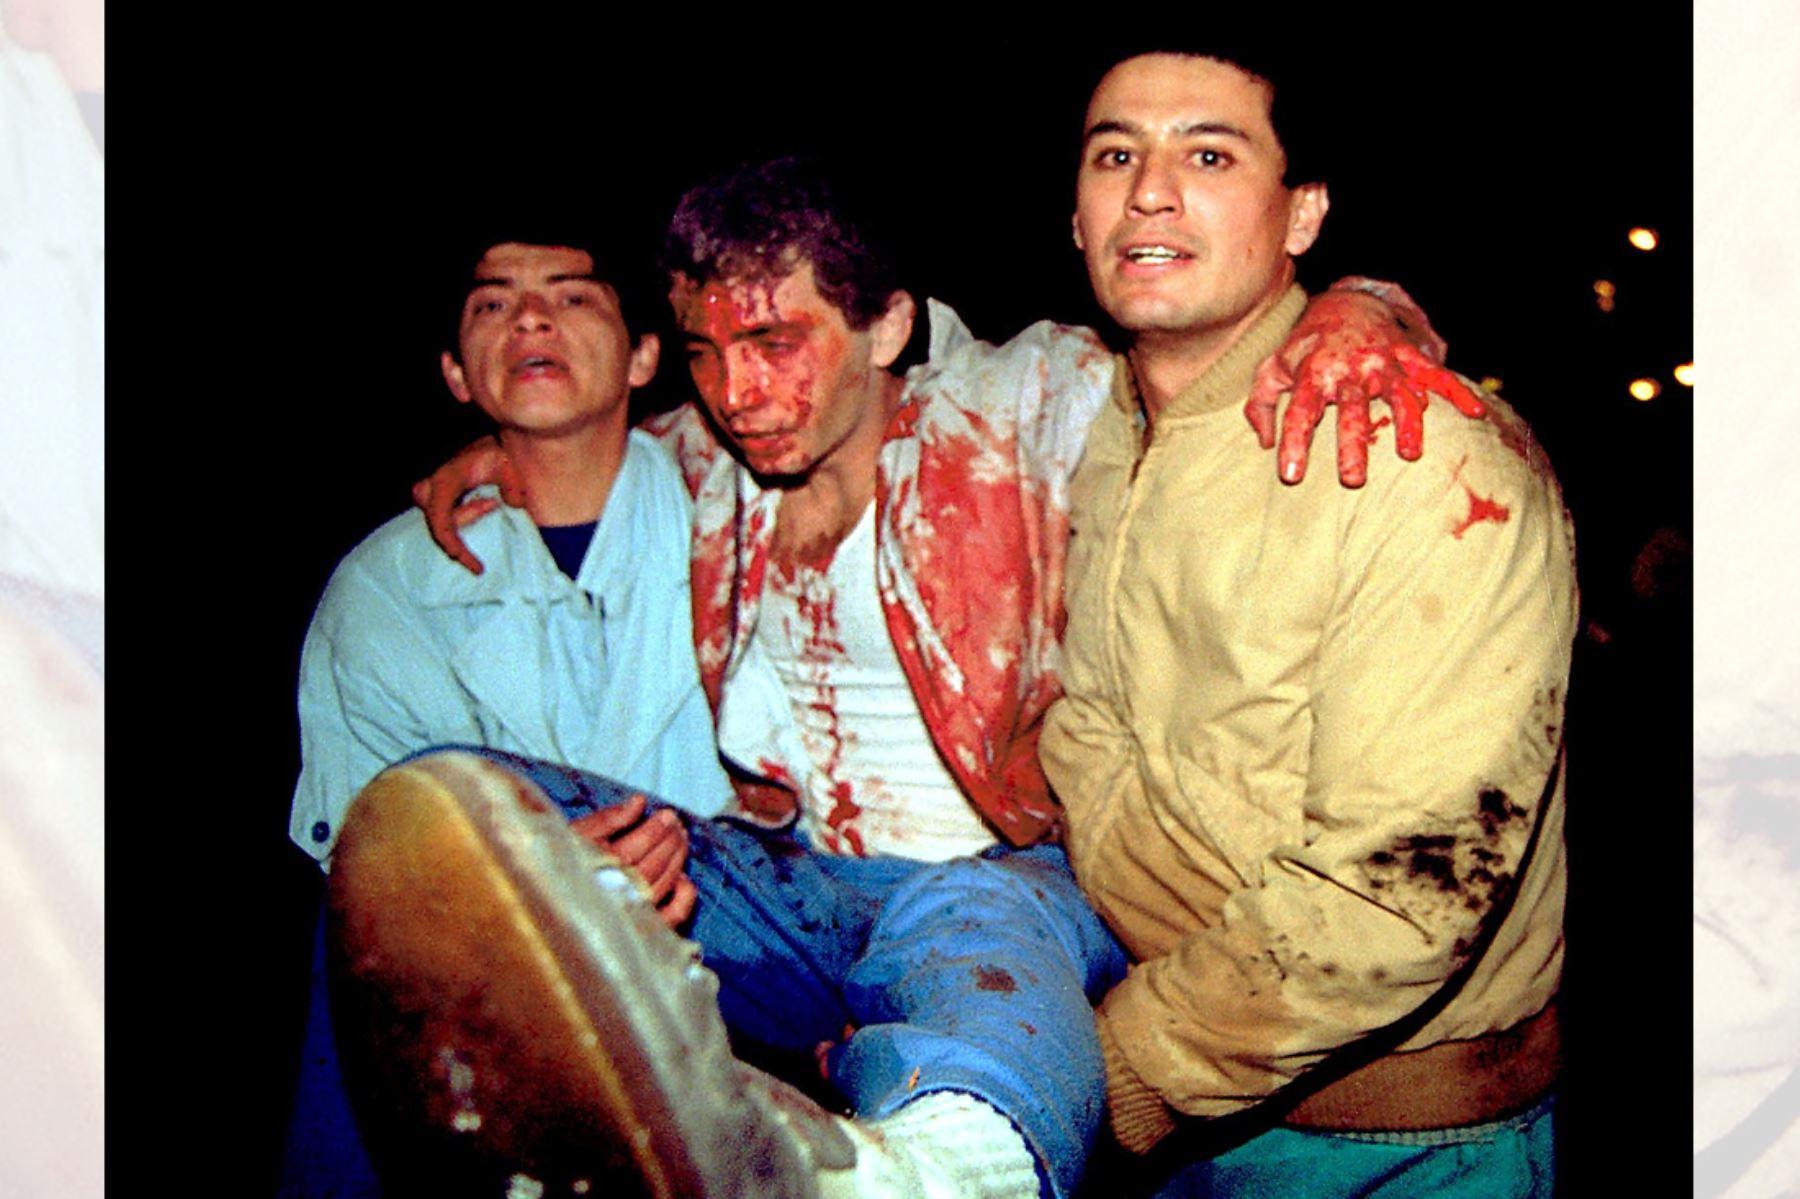 Heridos por atentado terrorista perpetrado por Sendero Luminoso con coche bomba en la calle Tarata de Miraflores el 16 de julio de 1992. Foto: AFP